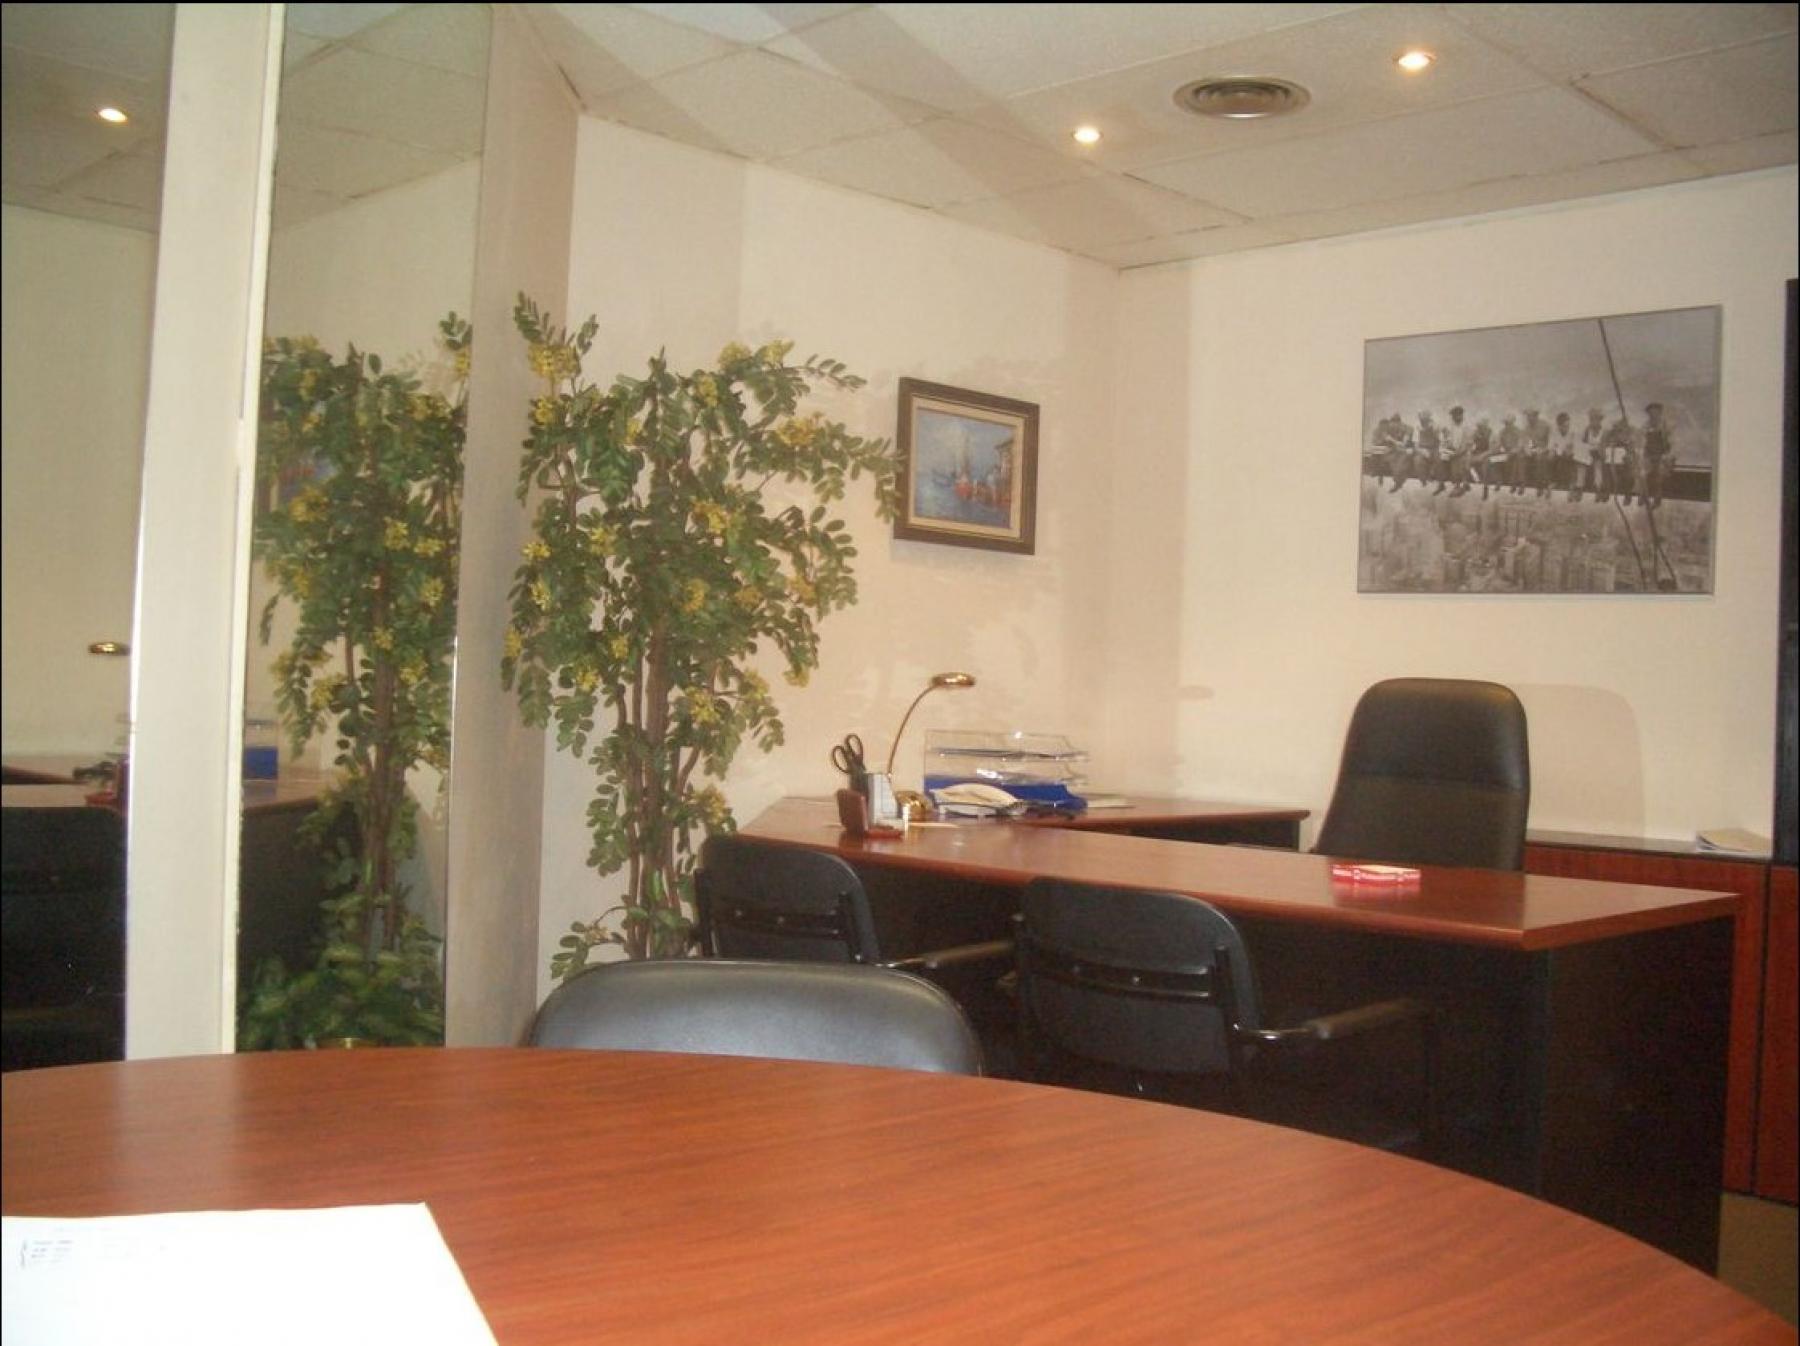 a view from the office at Carrer de la Diputació 279